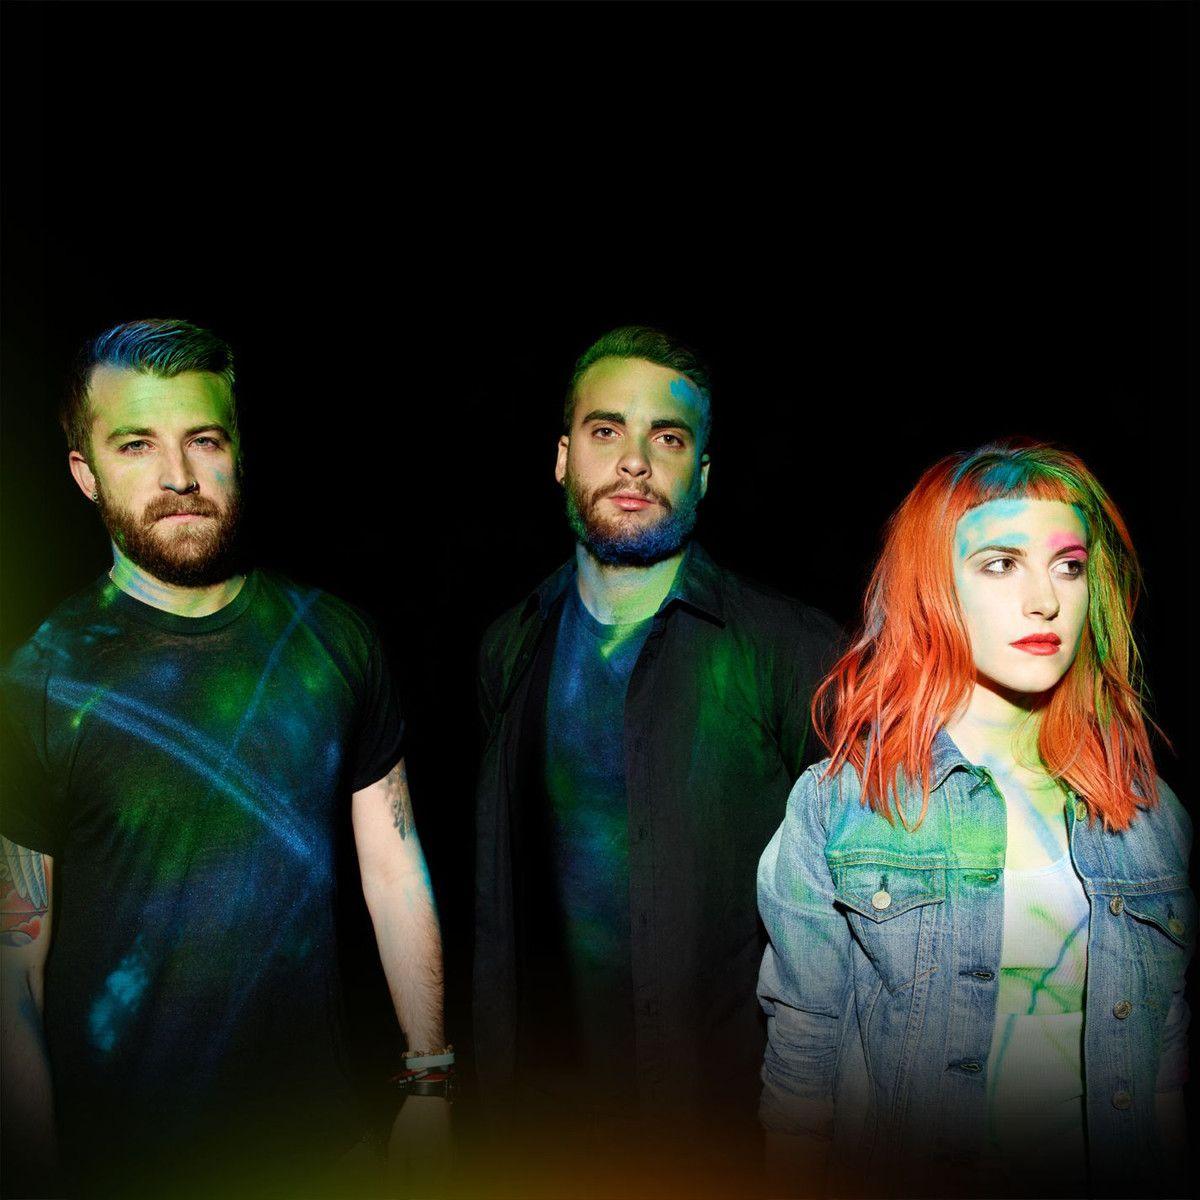 Paramore - Paramore album cover